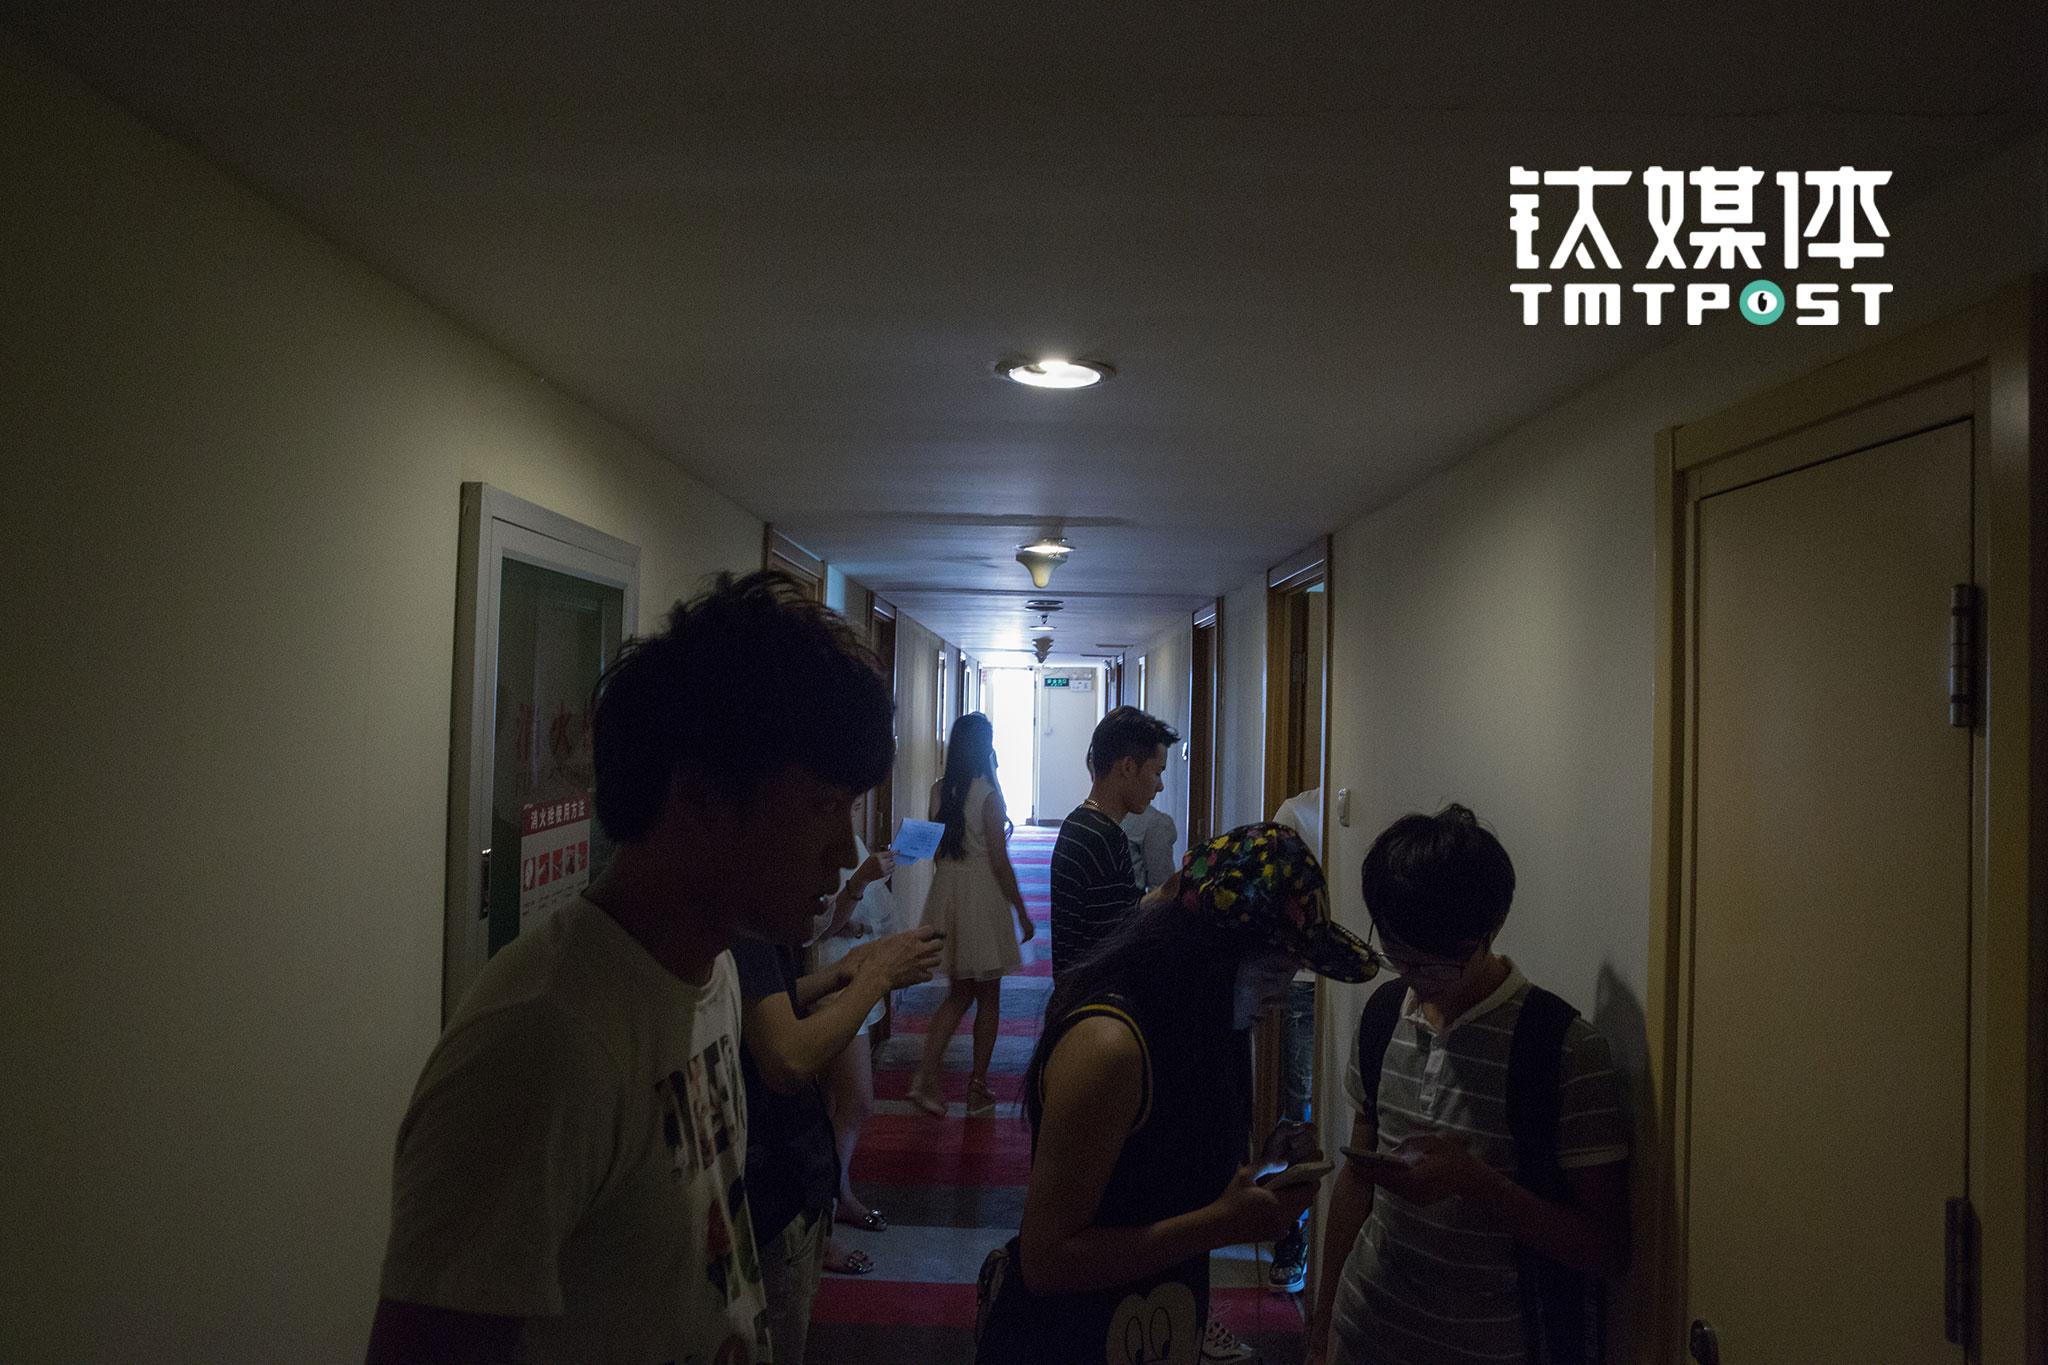 2016年8月29日,一部网络大电影在北京西大望路飘HOME进行主演面试,等候入场的面试者在紧张地记诵台词。